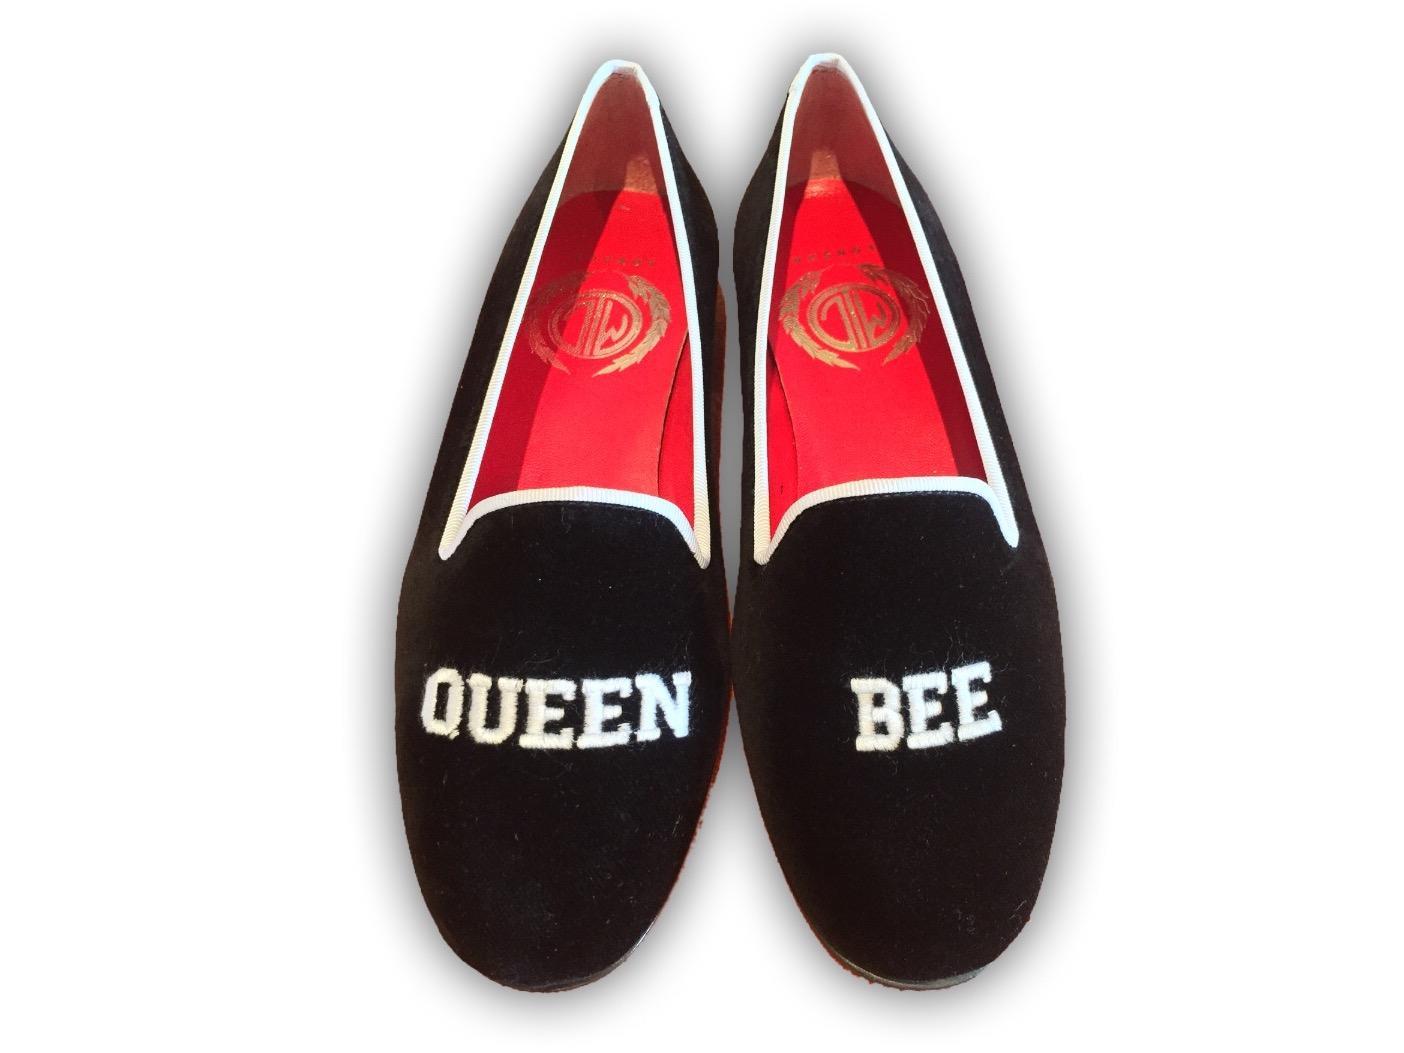 813ff933b20 Manor of London  QUEEN BEE  Women s Slogan Slippers